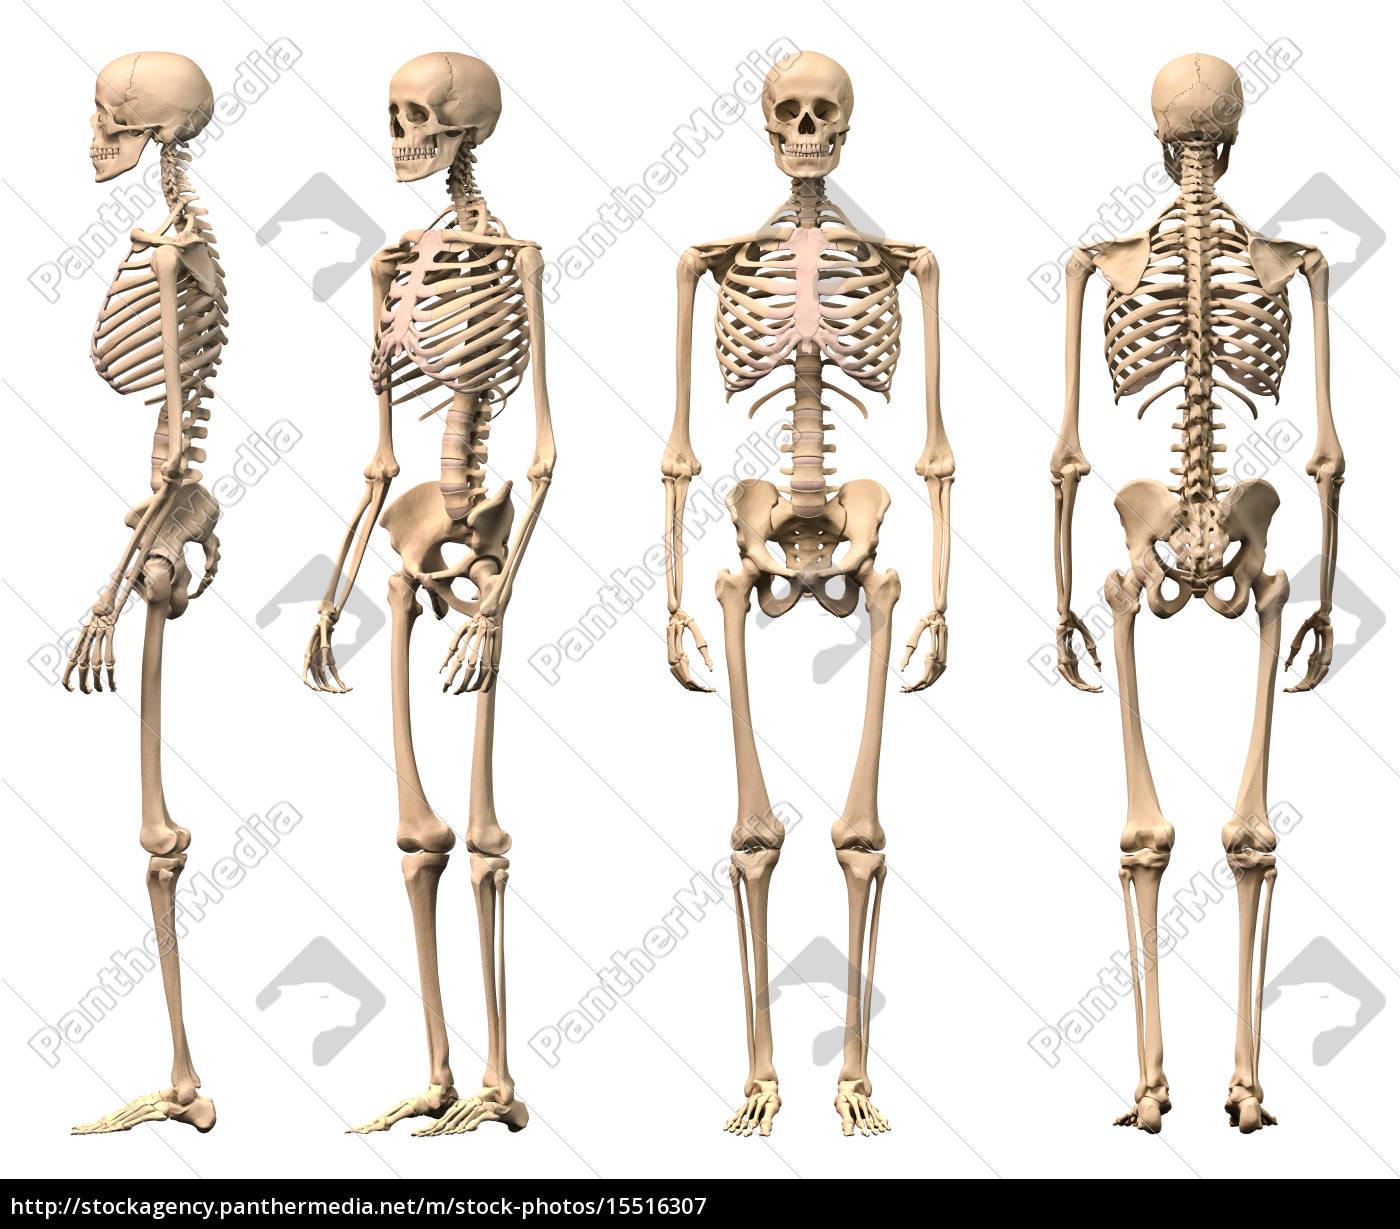 Lizenzfreies Bild 15516307 - männlich menschliches skelett vier ansichten  vorne hinten . 2abe8cc031a14